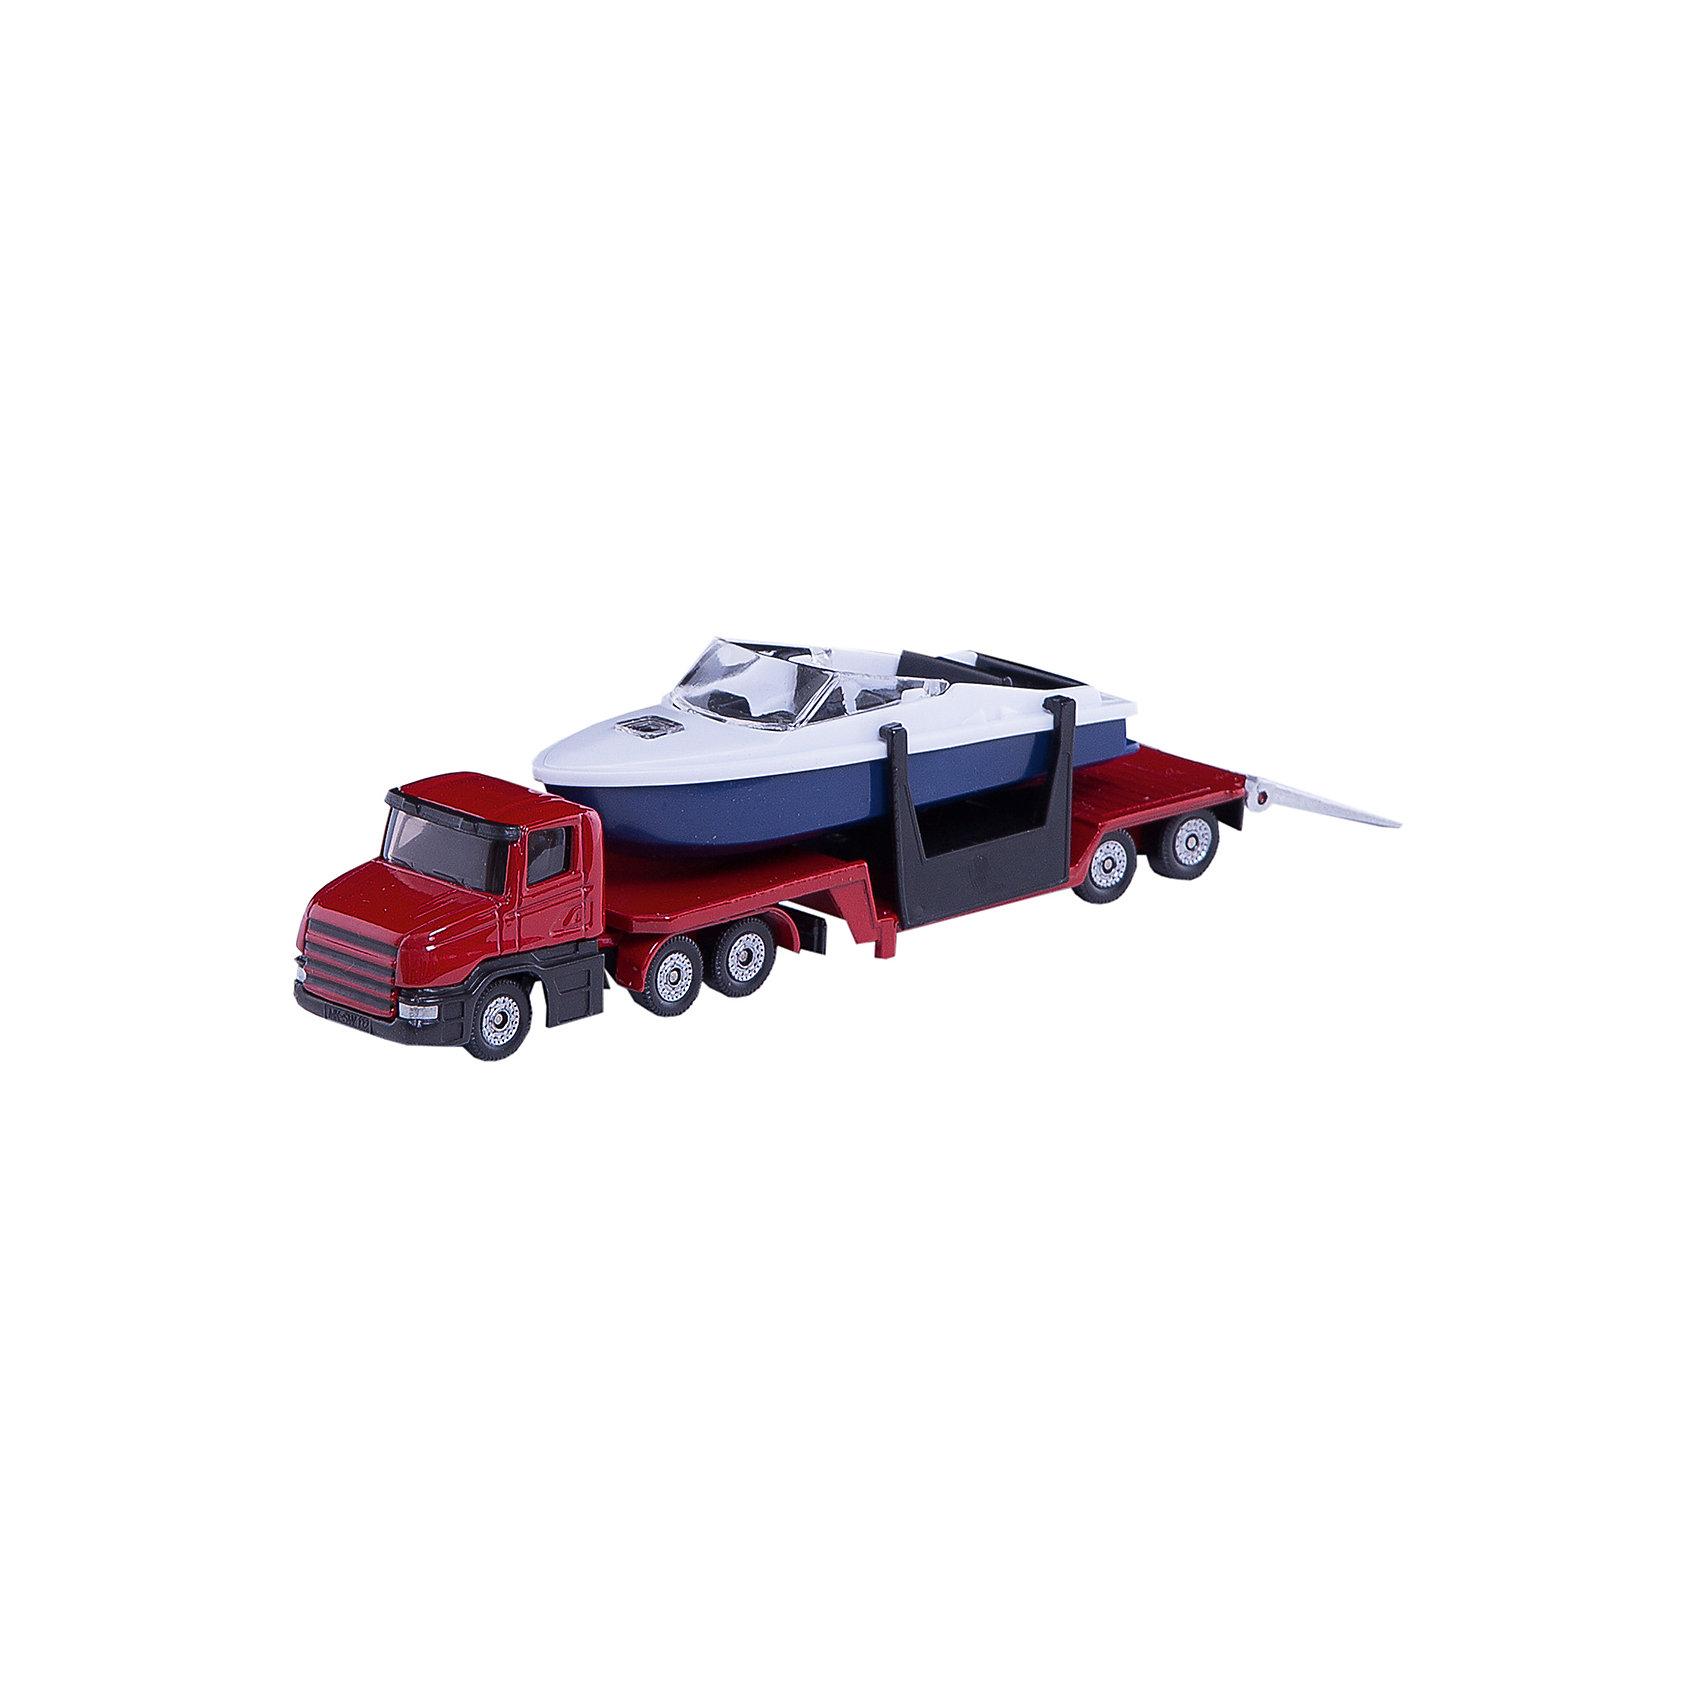 SIKU 1613 Низкорамный грузовик с катеромSIKU (СИКУ) 1613 Низкорамный грузовик с катером-это игрушечная модель тягача, корпус и прицеп которого выполнены из металла, стёкла из прозрачной тонированной пластмассы.<br><br>Колёса выполнены из пластмассы и вращаются, можно катать. Прицеп отцепляется от тягача, катер снимается с прицепа.<br><br>Дополнительная информация:<br>-Размер игрушки: 16,3 x 3,6 x 4,8 см<br>-Материал: металл с элементами пластмассы<br><br>Игрушечная модель грузовика с катером  дополнит коллекцию малыша. Игра с моделями транспортных средств от SIKU (СИКУ) развивает воображение, мышление, память, мелкую моторику рук и координацию движений детей.<br><br>SIKU (СИКУ) 1613 Низкорамный грузовик с катером можно купить в нашем магазине.<br><br>Ширина мм: 339<br>Глубина мм: 91<br>Высота мм: 40<br>Вес г: 130<br>Возраст от месяцев: 36<br>Возраст до месяцев: 96<br>Пол: Мужской<br>Возраст: Детский<br>SKU: 1036967